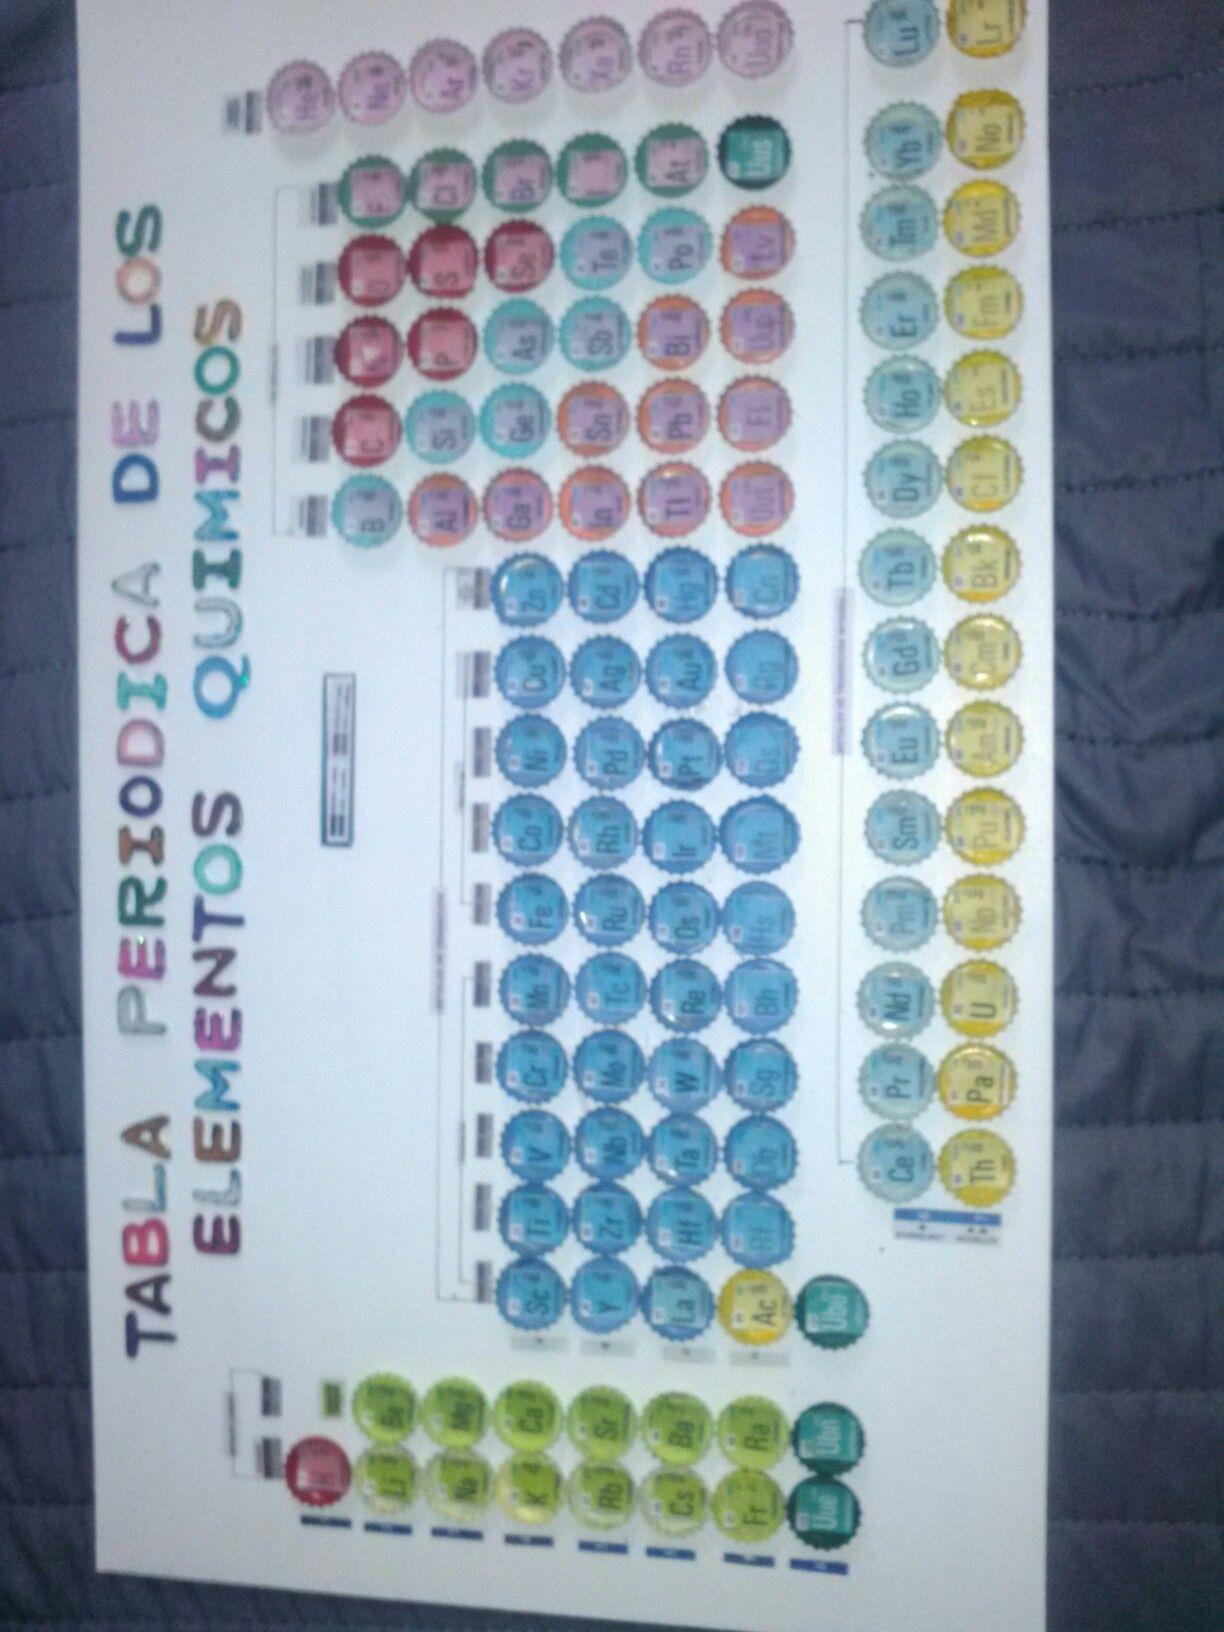 Tabla de elementos qumicos maquetas pinterest maquetas tabla de elementos qumicos tablamaquetaselementos urtaz Gallery